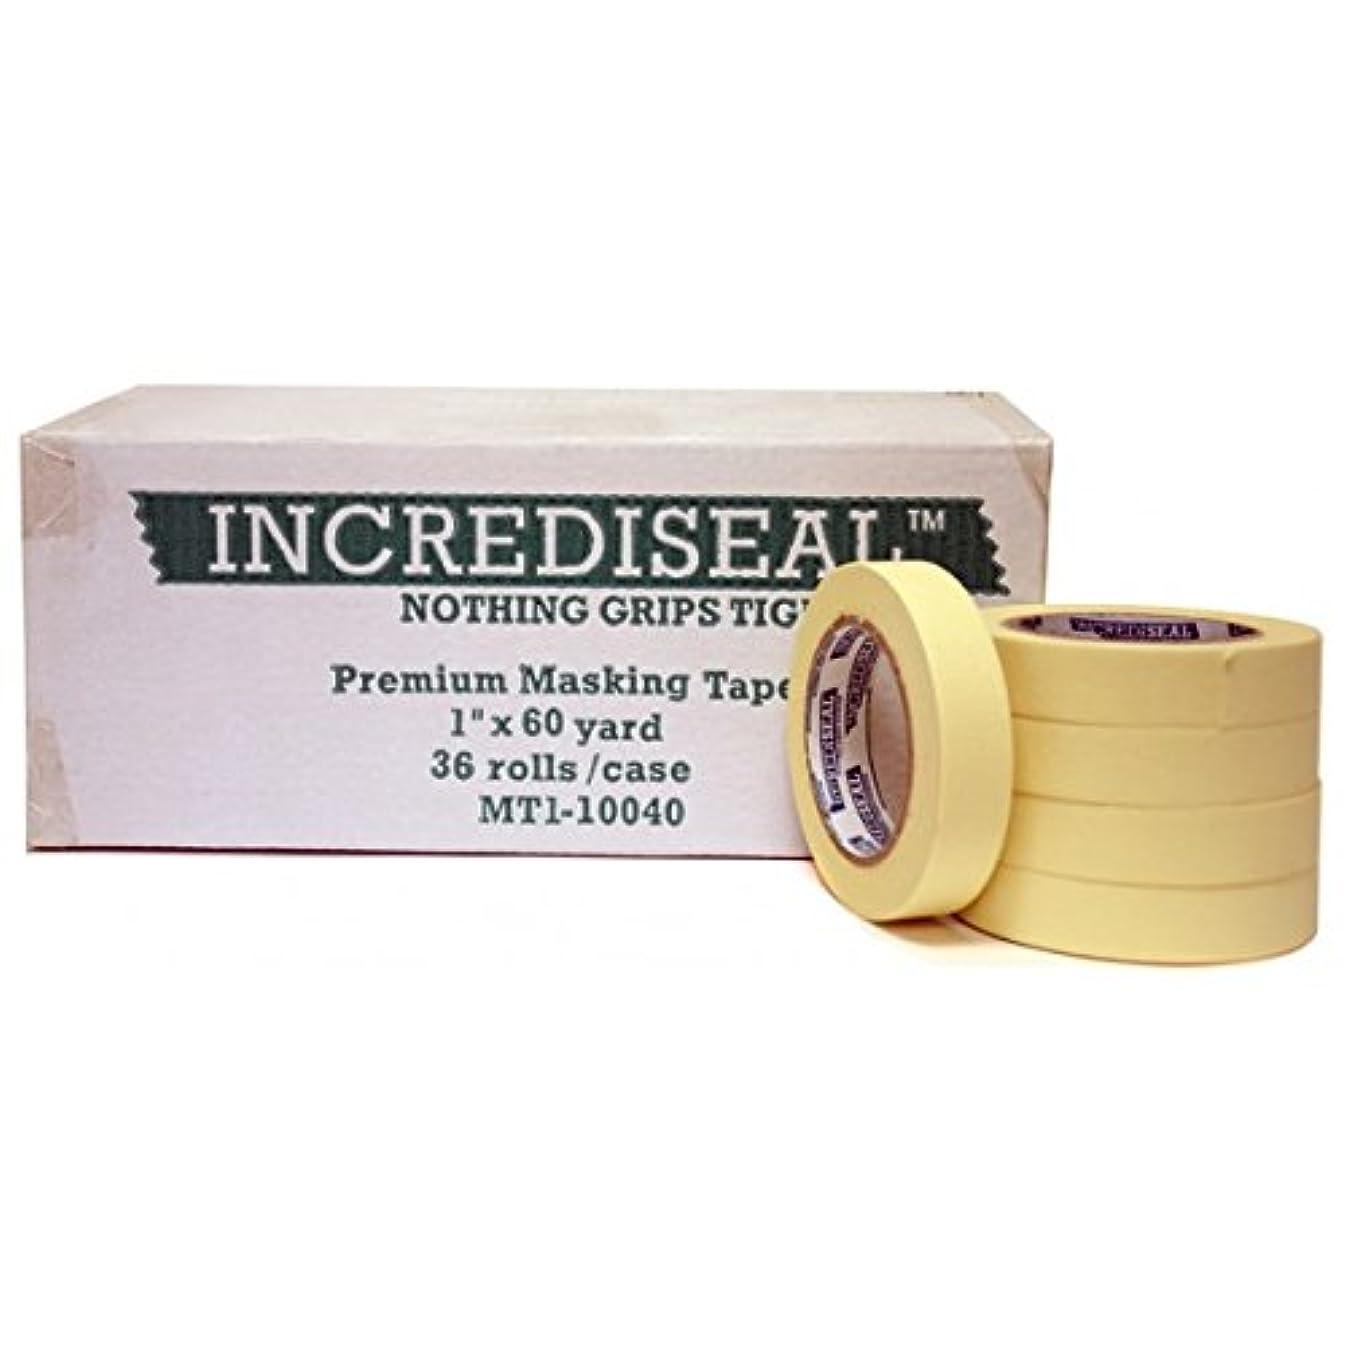 INCREDISEAL Low Tack Masking Tape, 1